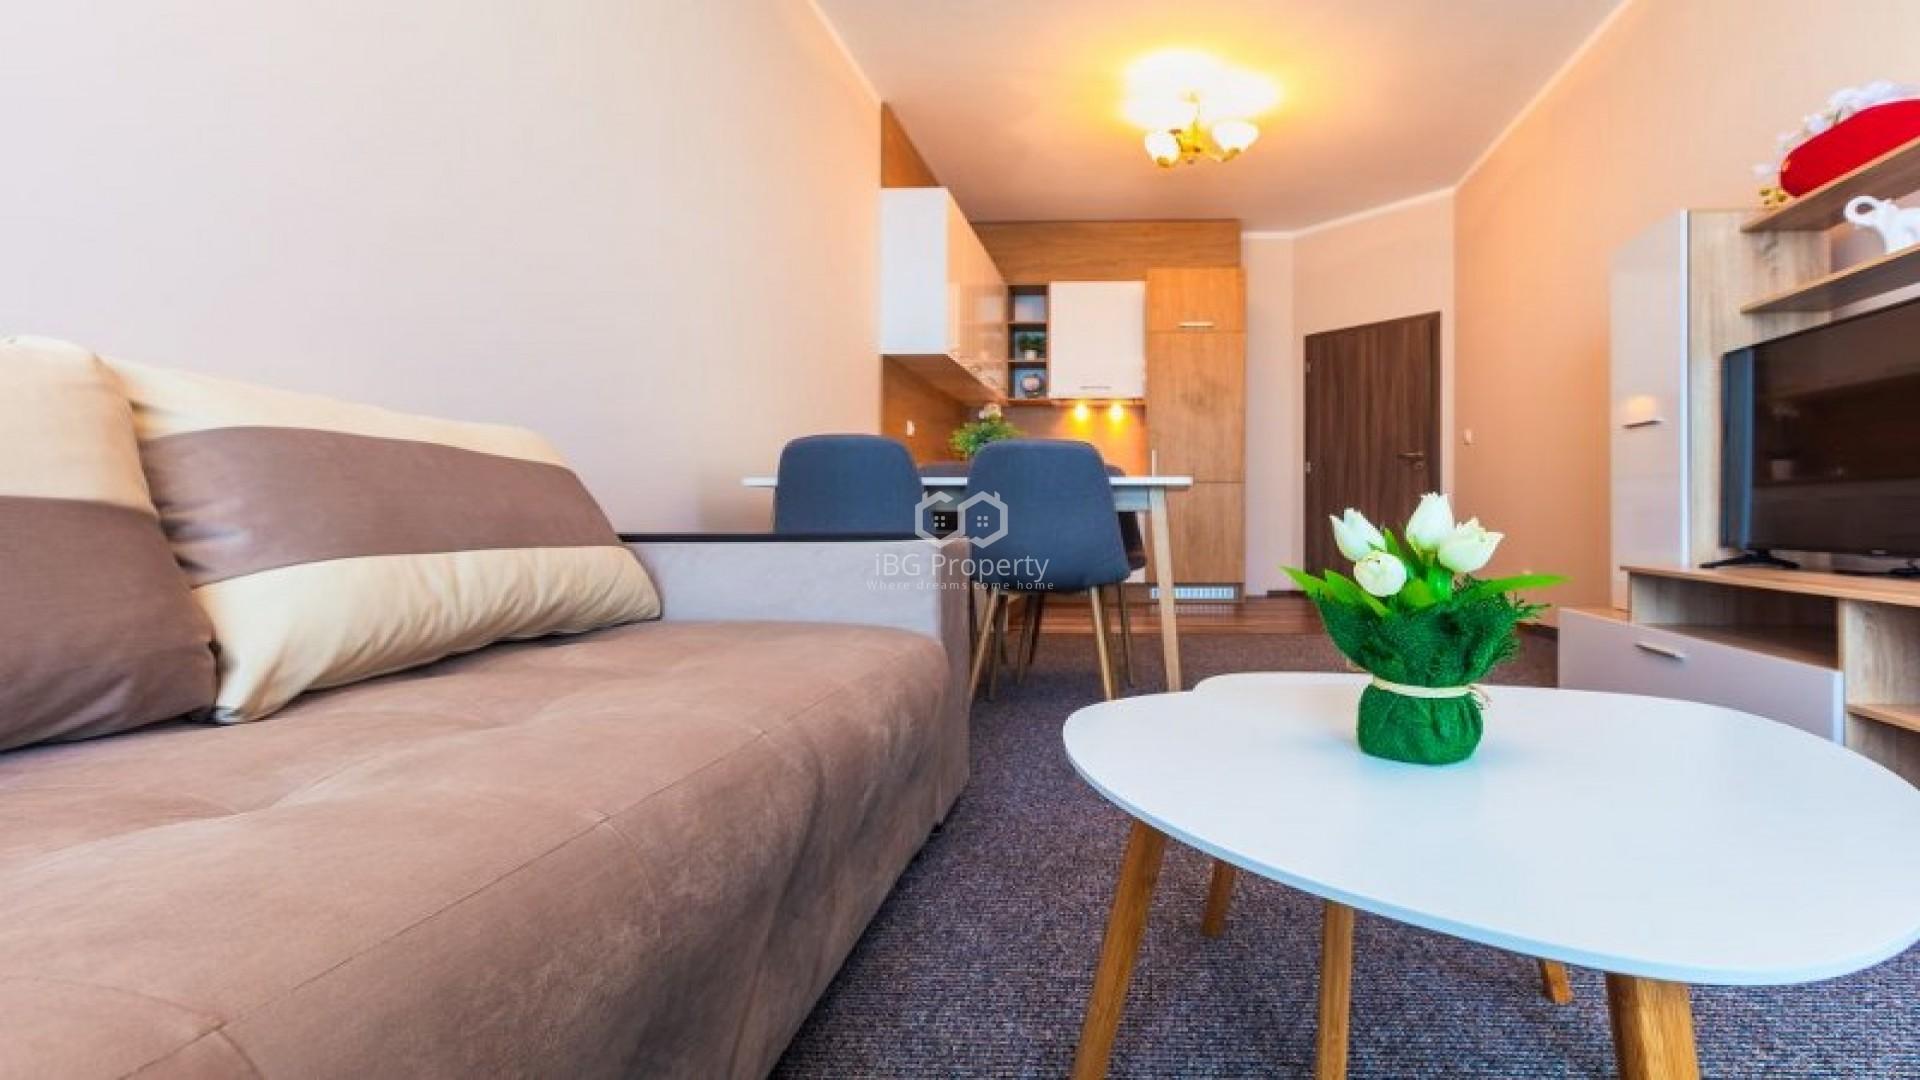 Zweizimmerwohnung in Burgas 72m2